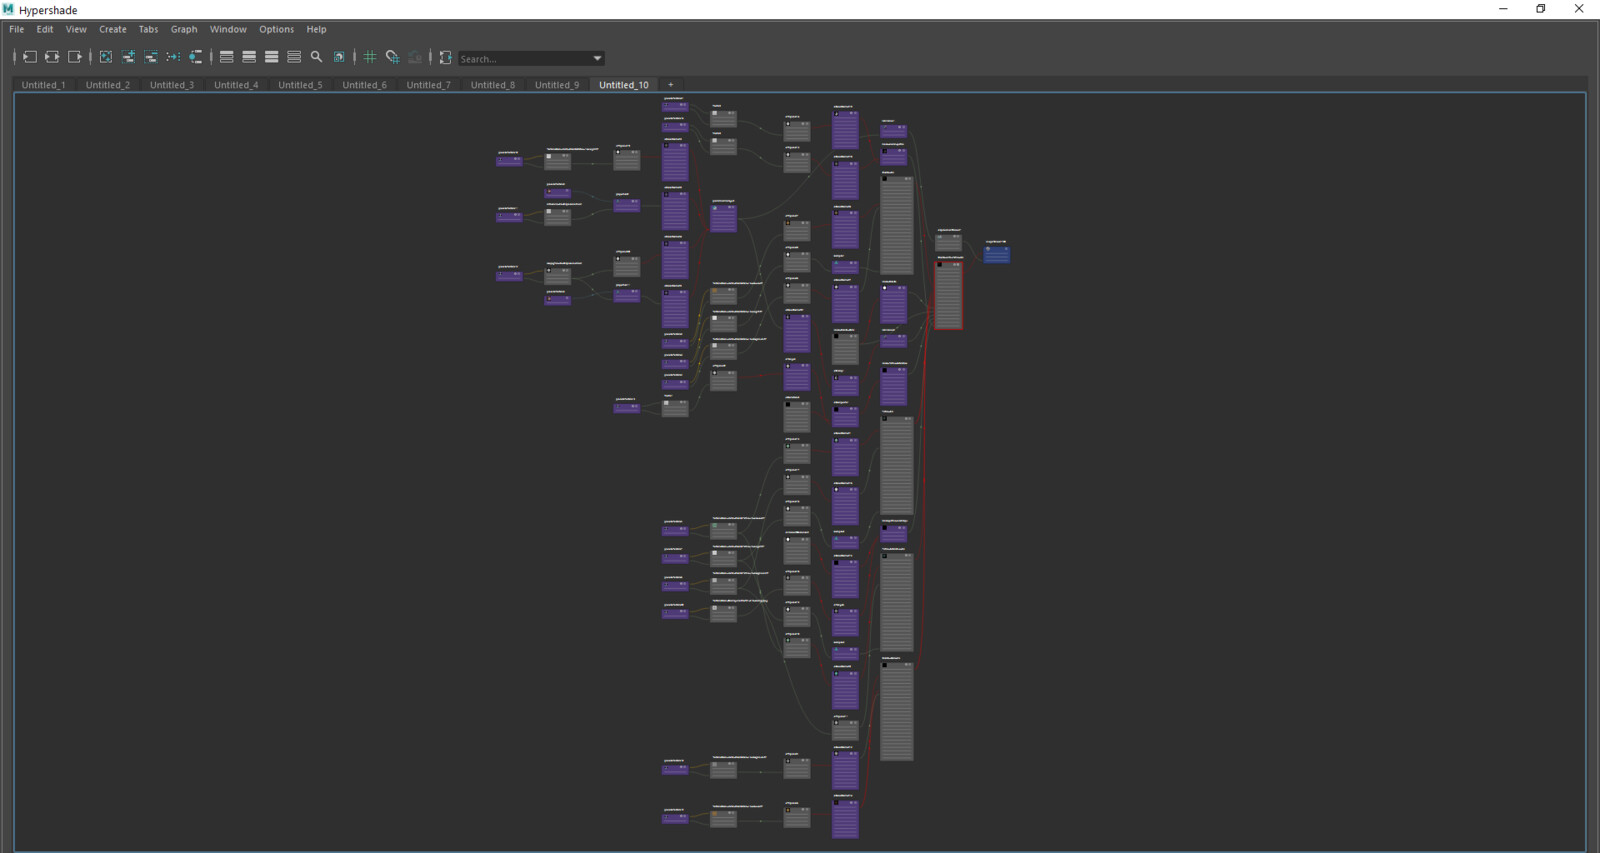 Hypershade full. My layered shader using 5 masks.